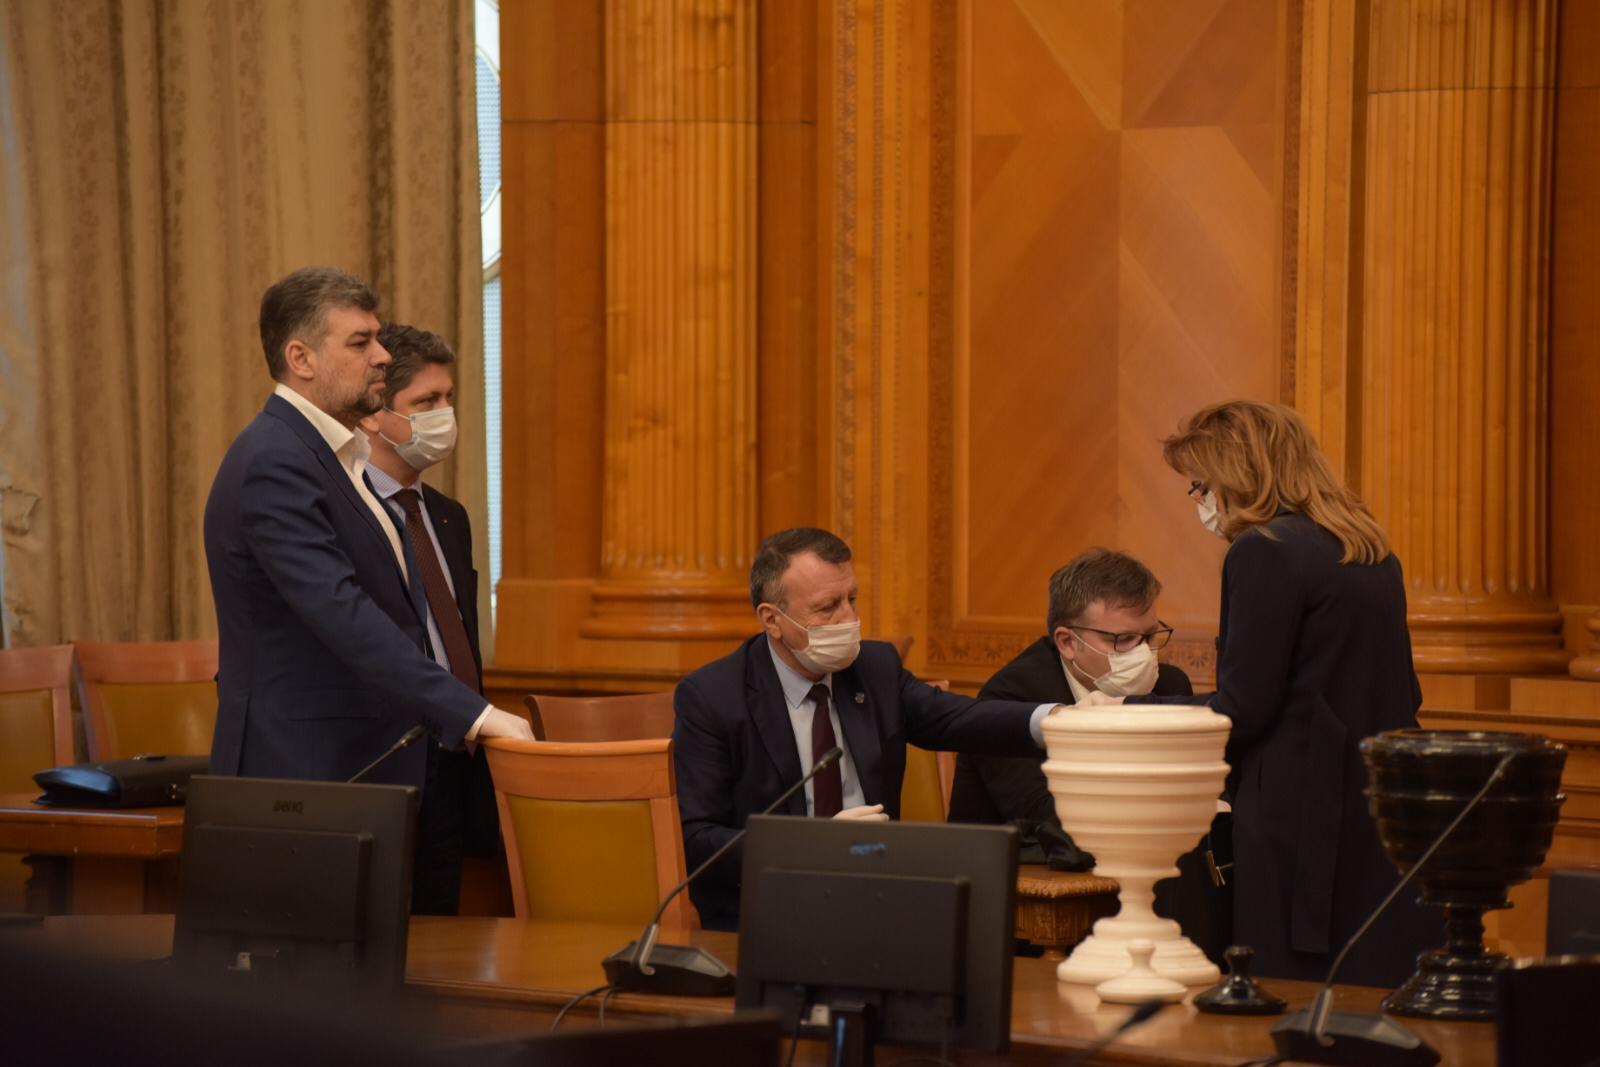 cabinetul-orban-3-audierile-s-au-incheiat-a-inceput-votul-de-investitura